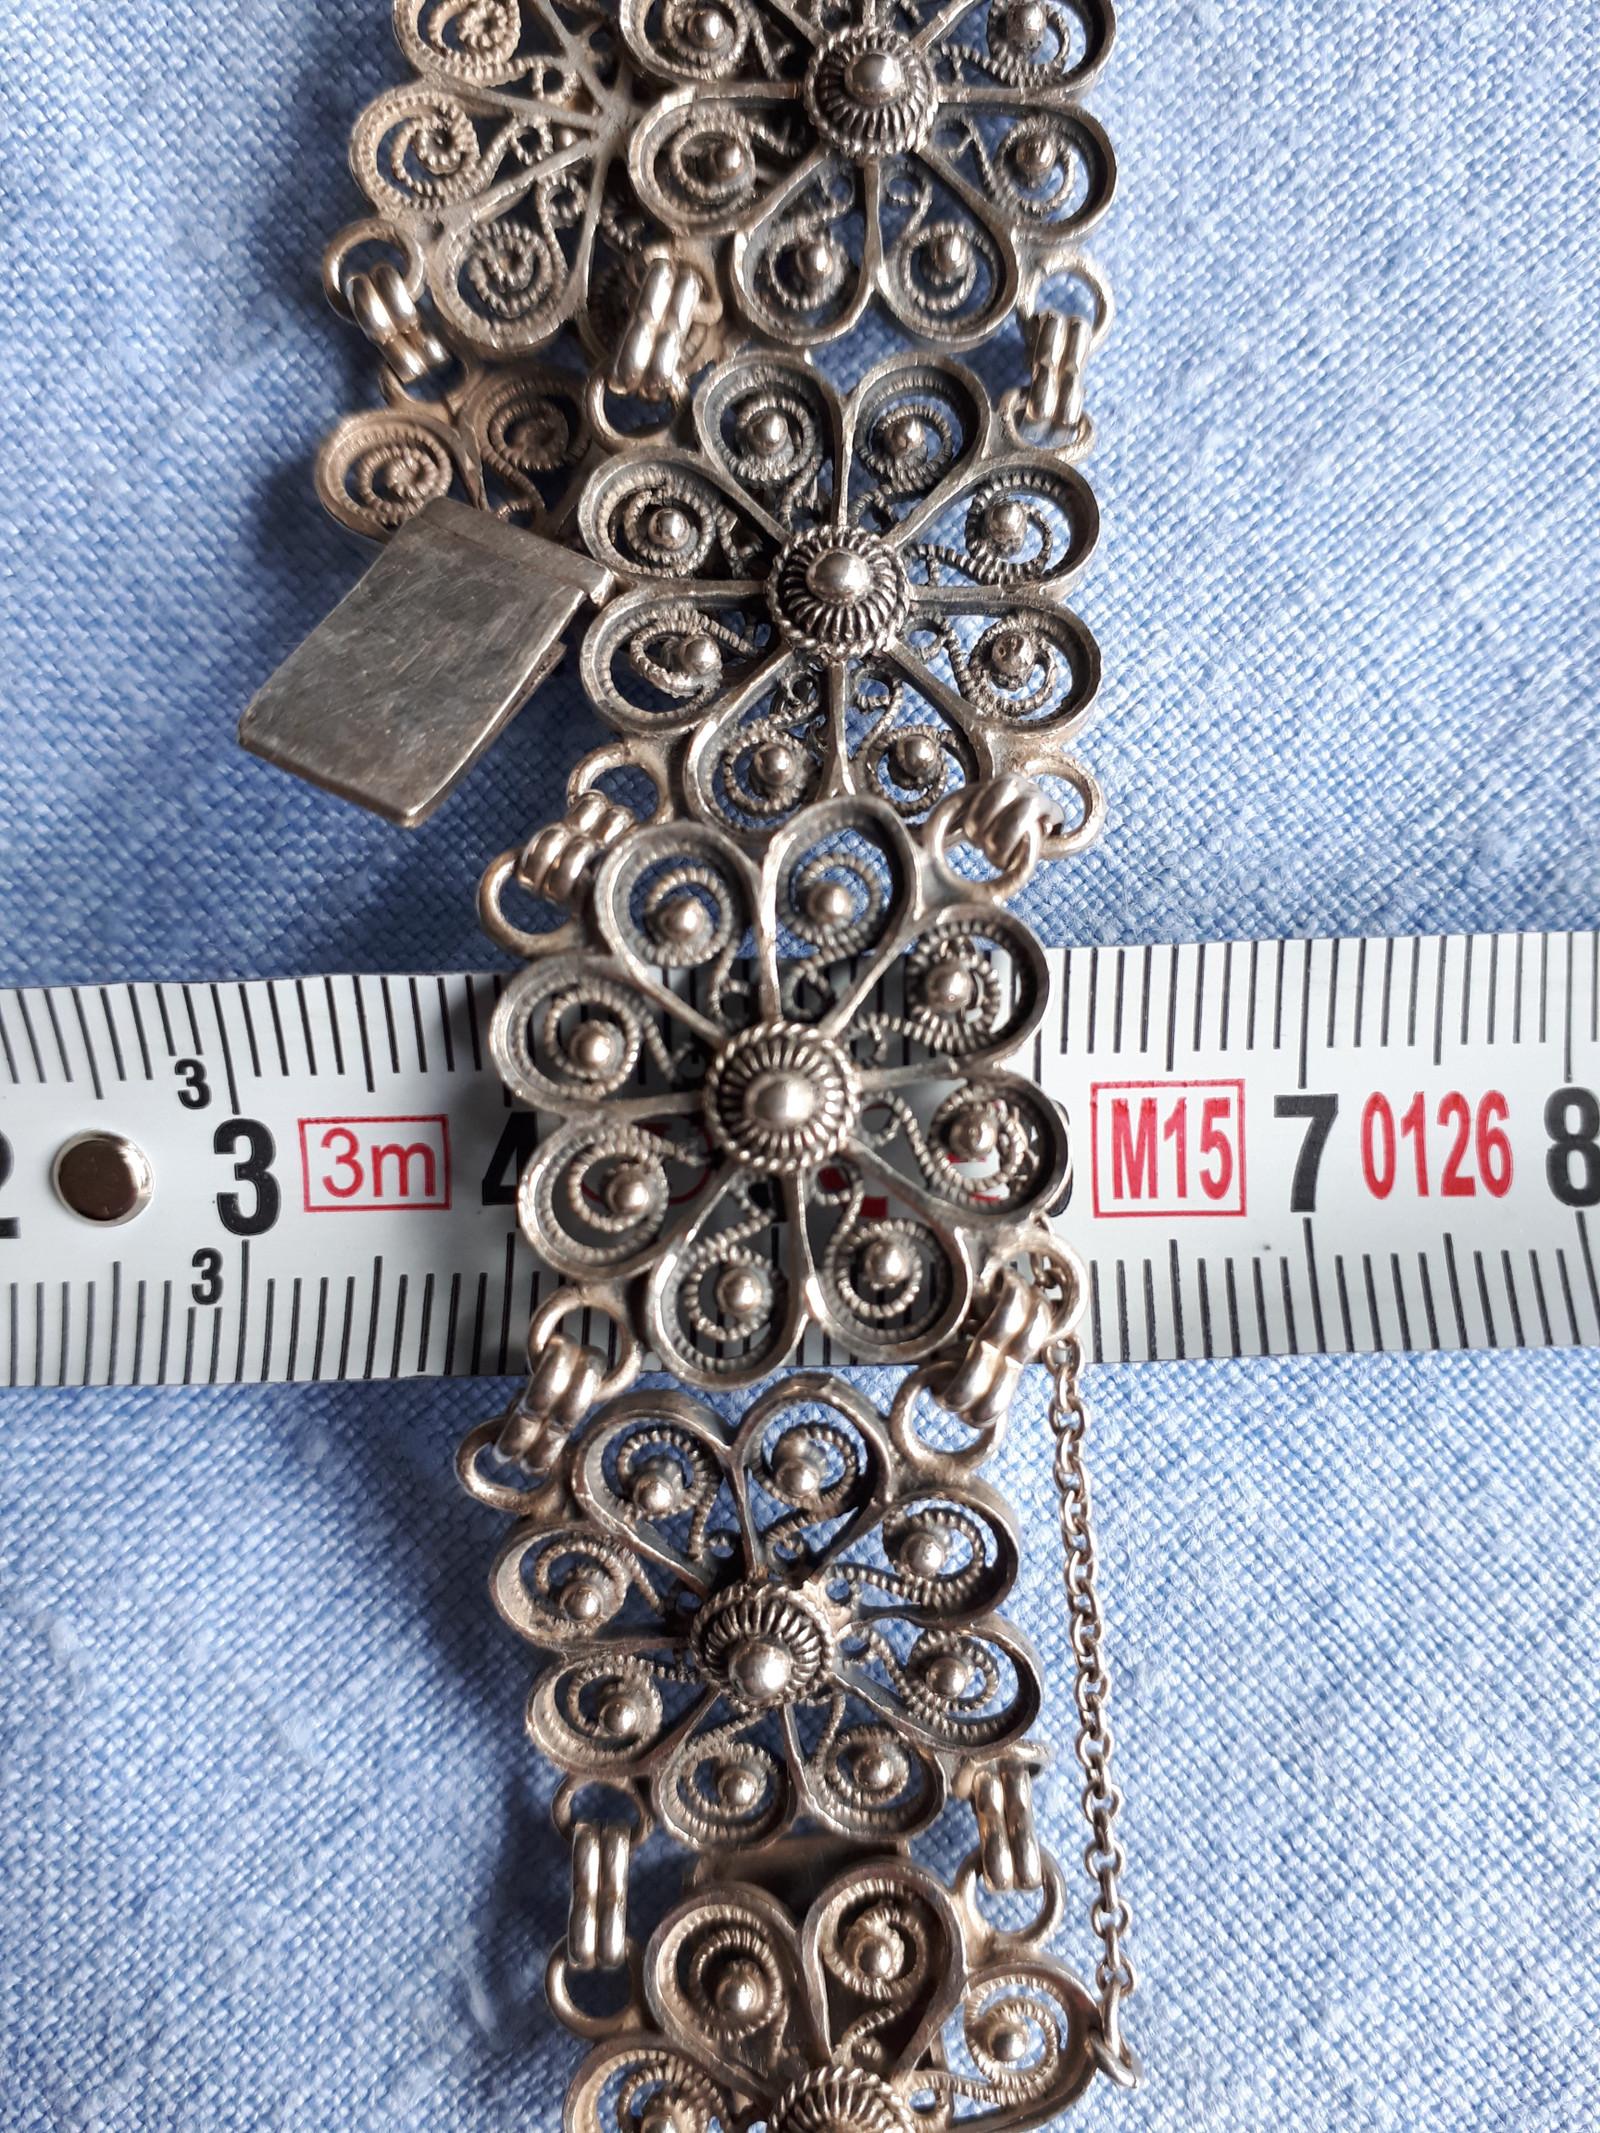 ebf8ef8d Bunadssølv, armbånd i filigran 925 sølv, sølvarmbånd, bunadsarmbånd ...